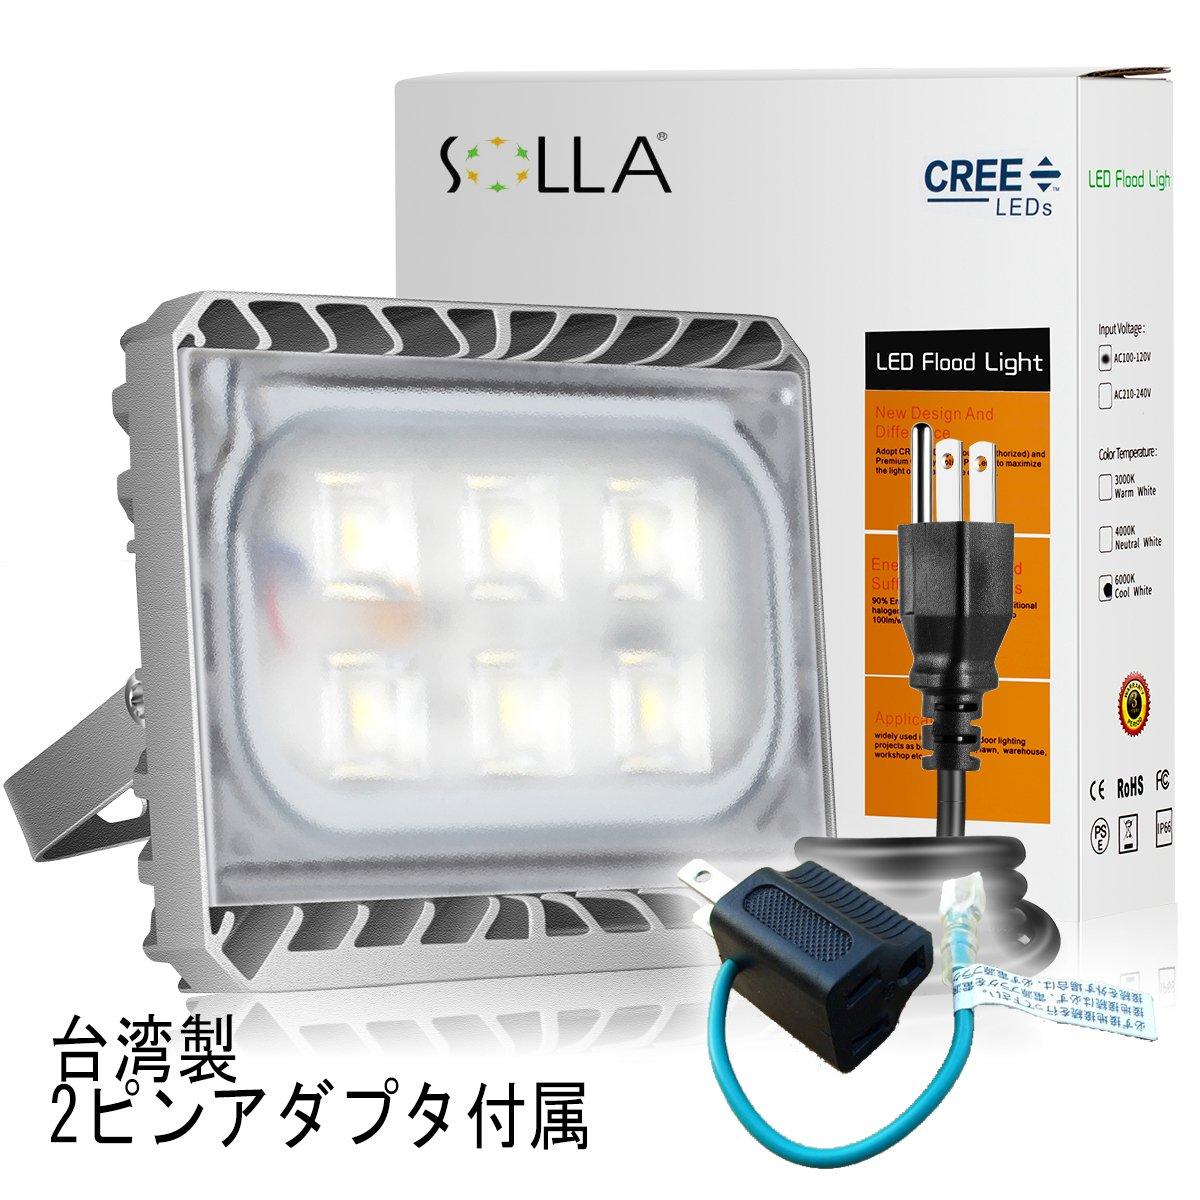 【三年保証】SOLLA Sliver 高品質LED投光器 30w 3000K 電球色 CREE製素子 日本レベル筐体 IP65防水防塵 長寿命広角フラッドライト 作業灯 B01N4B6VJX 13990 30w|電球色(3000K) 電球色(3000K) 30w